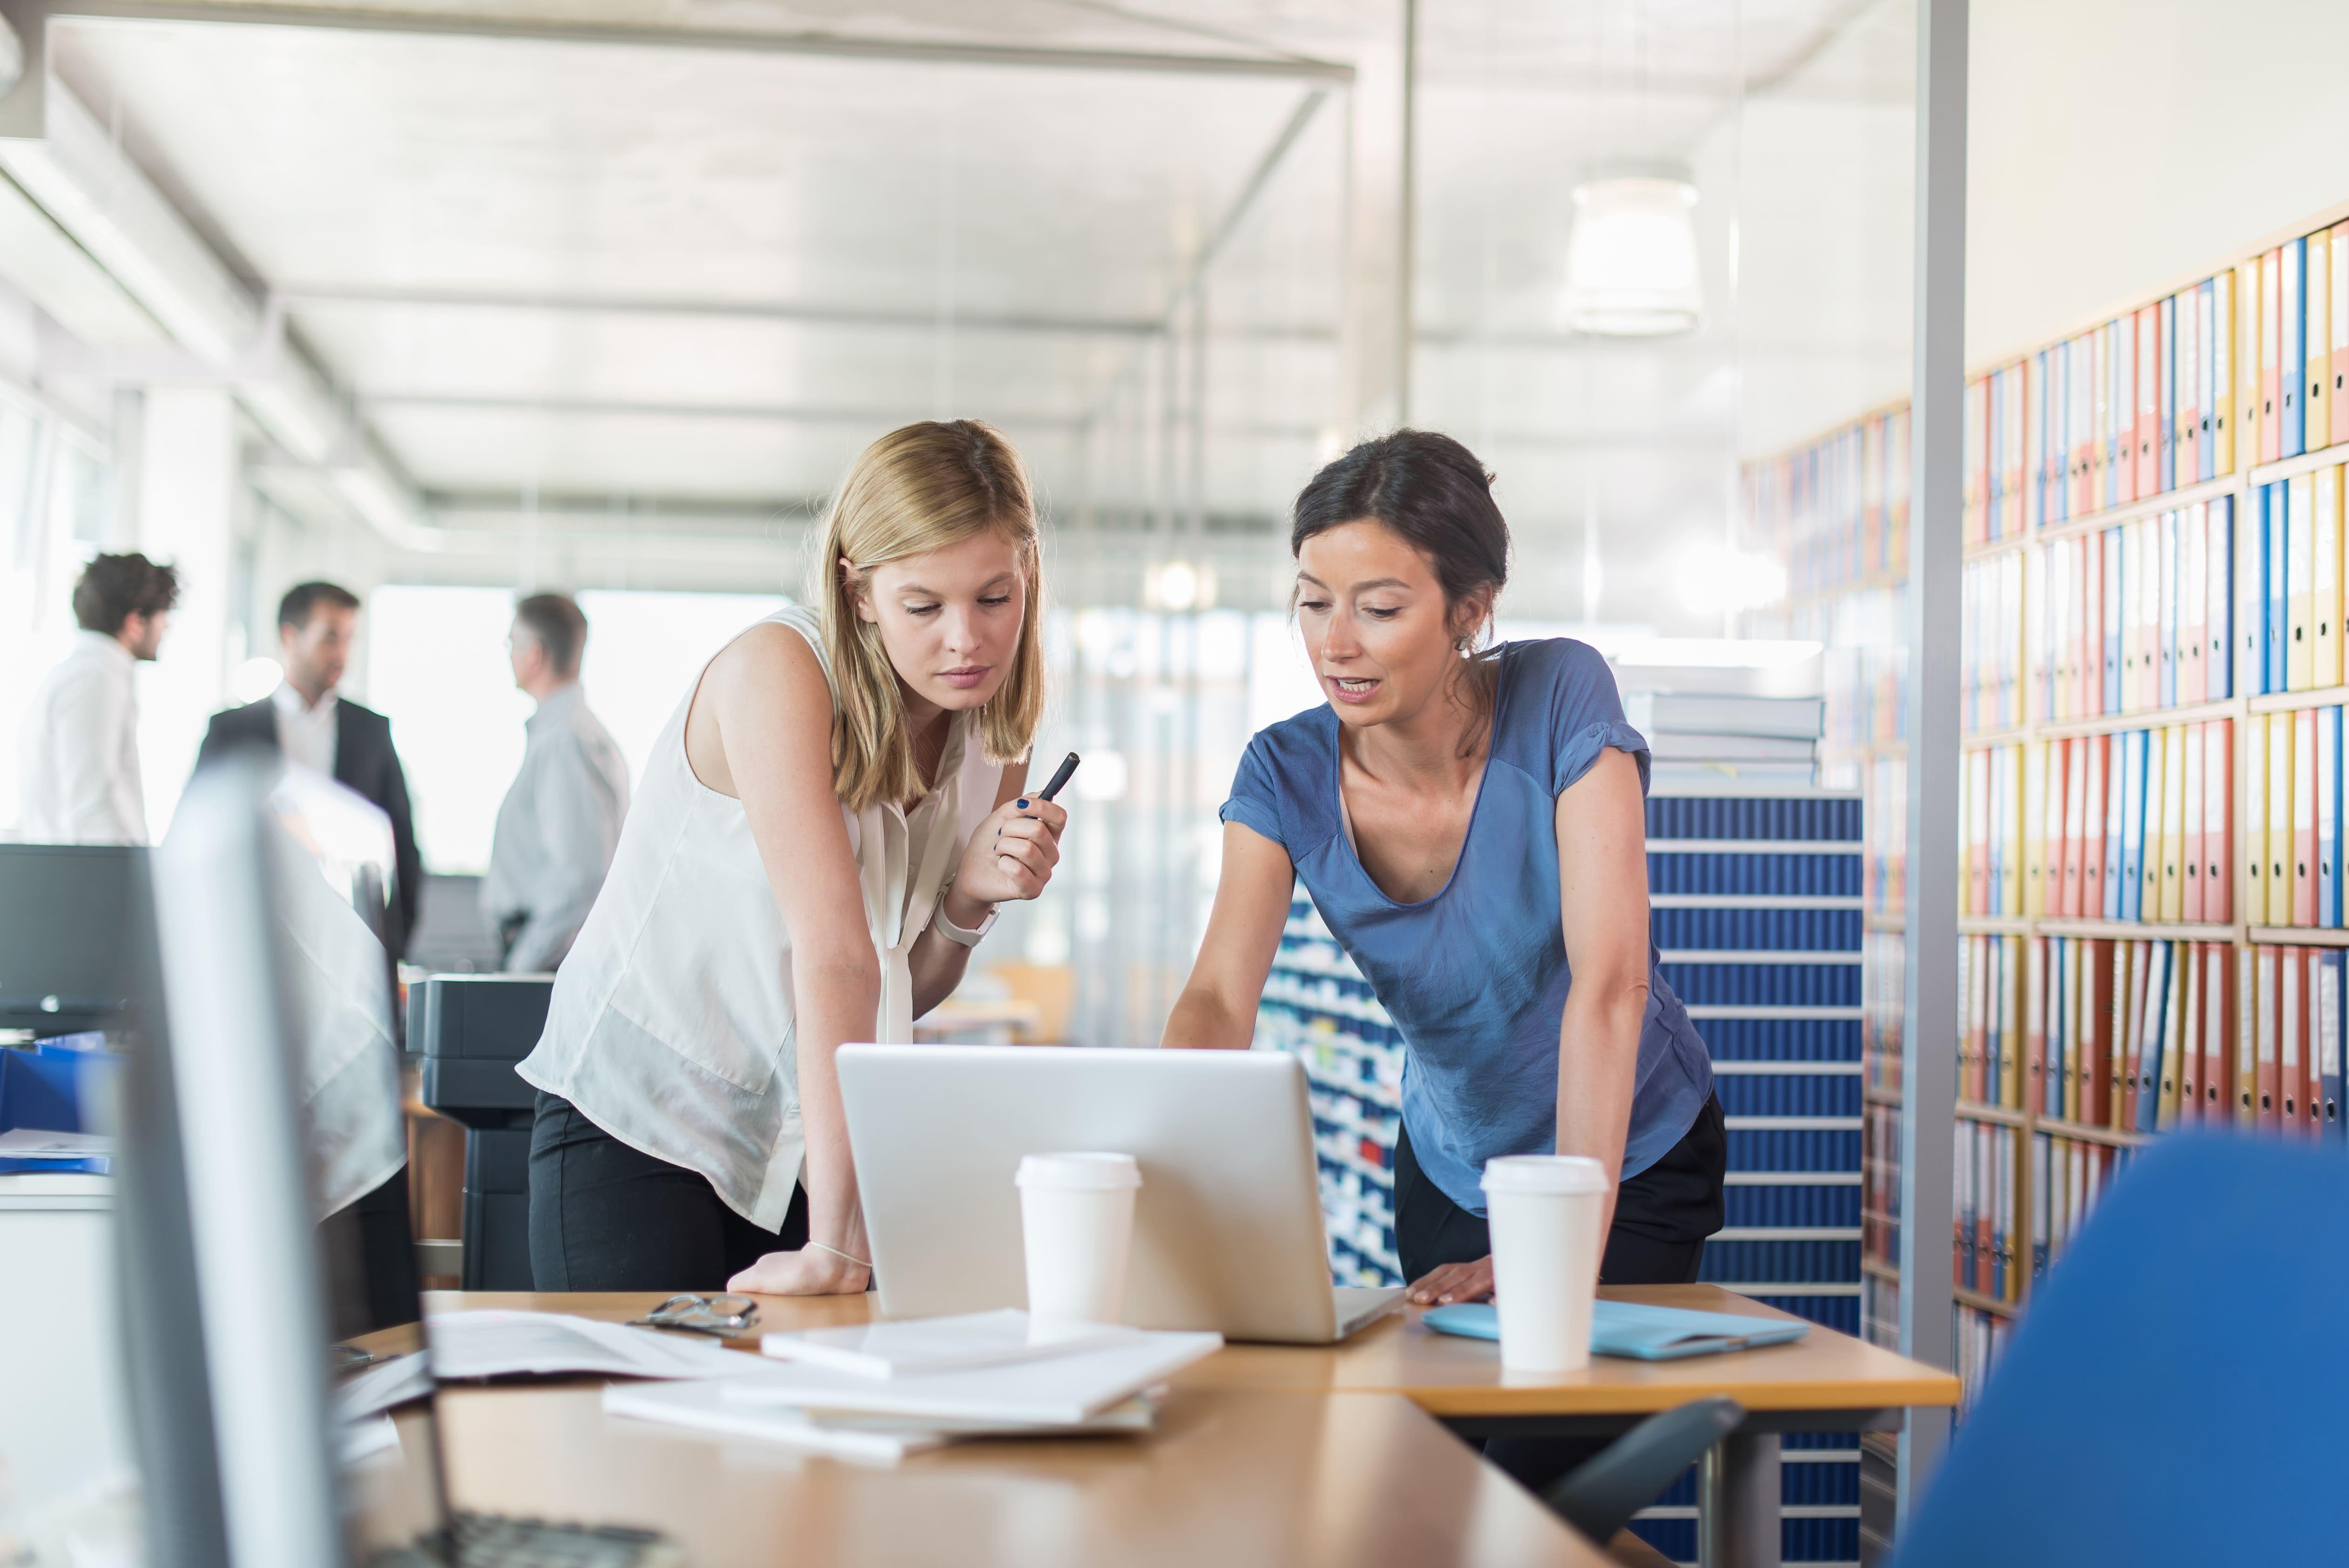 Imagem de duas mulheres pesquisando formas de empreender em Santa Bárbara do Sul